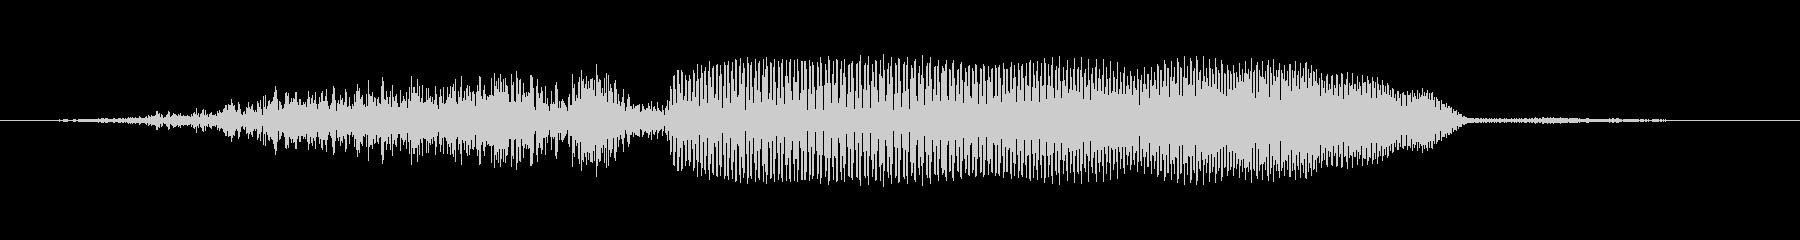 リトルレッドモンスター:Cの未再生の波形